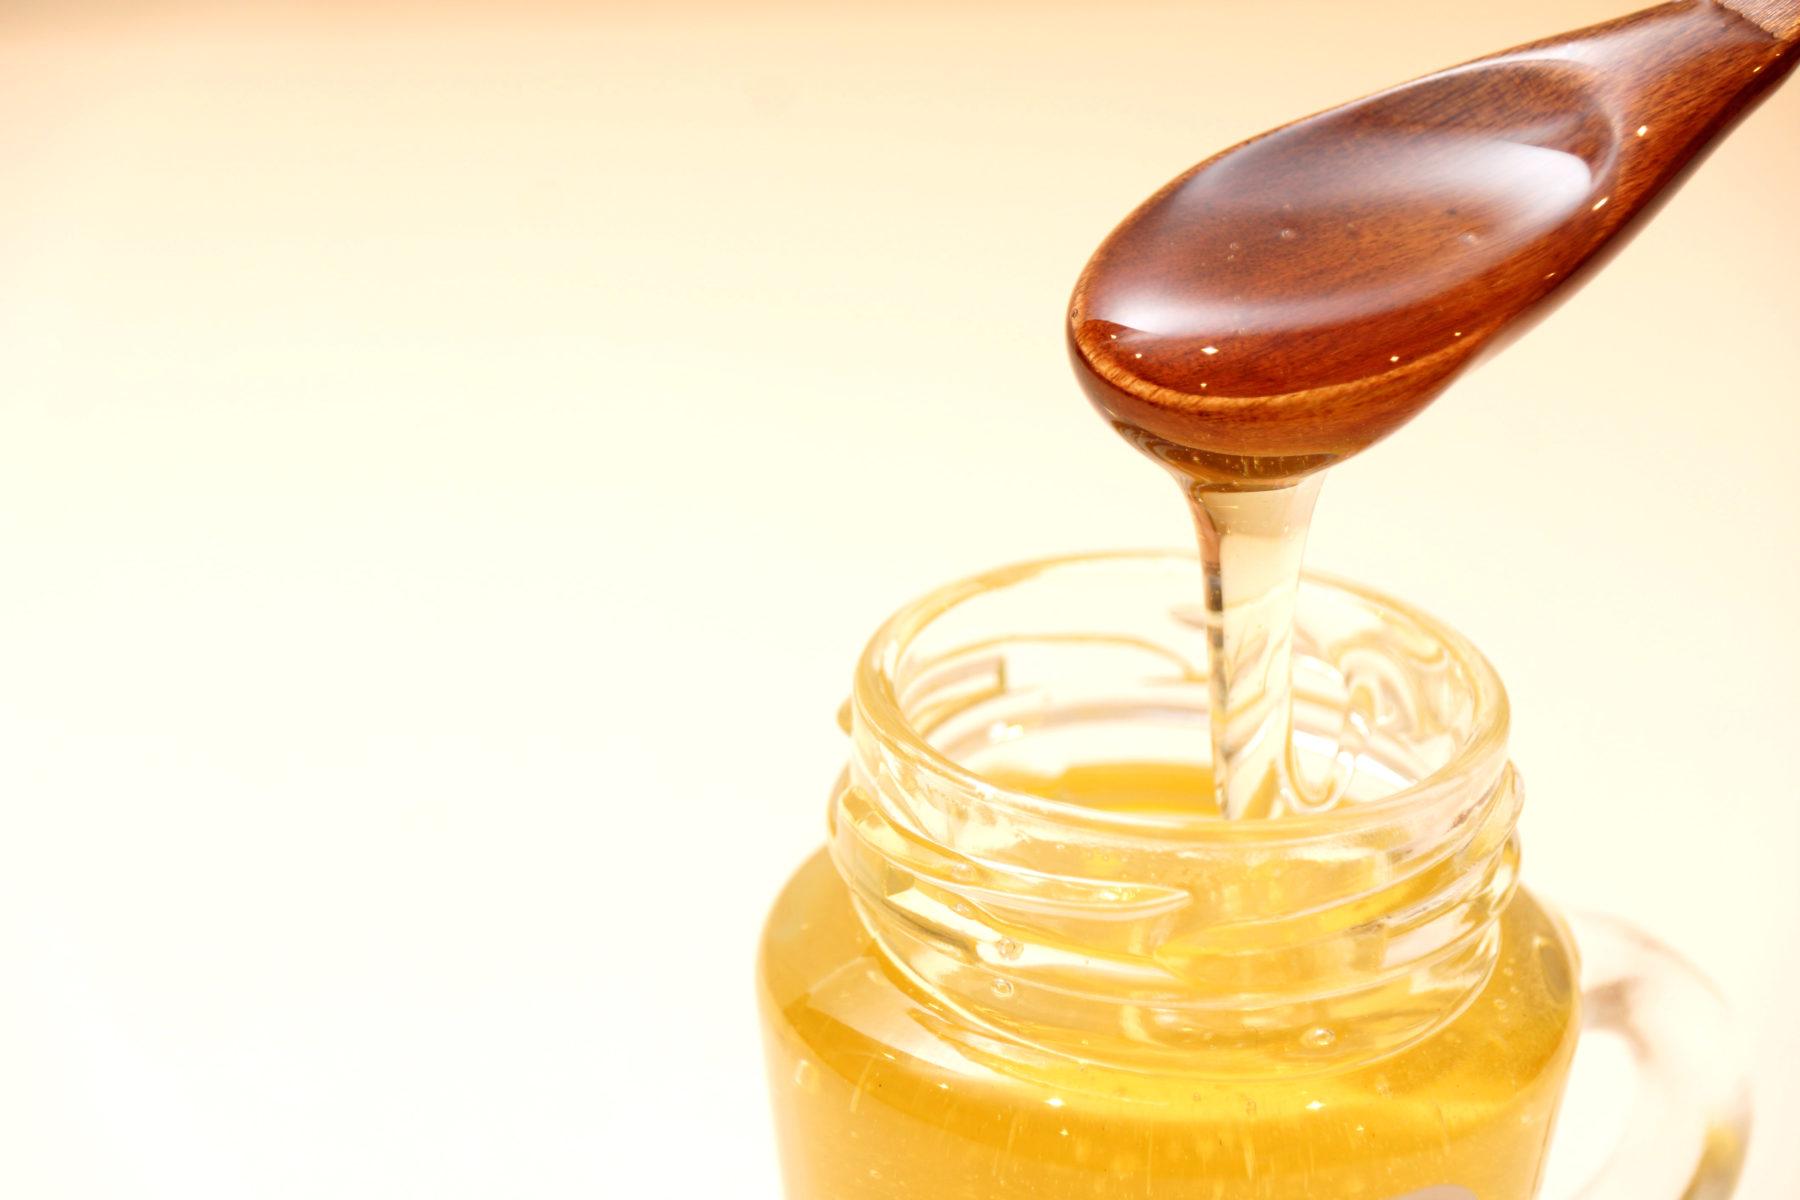 カサハラハニーのハチミツ